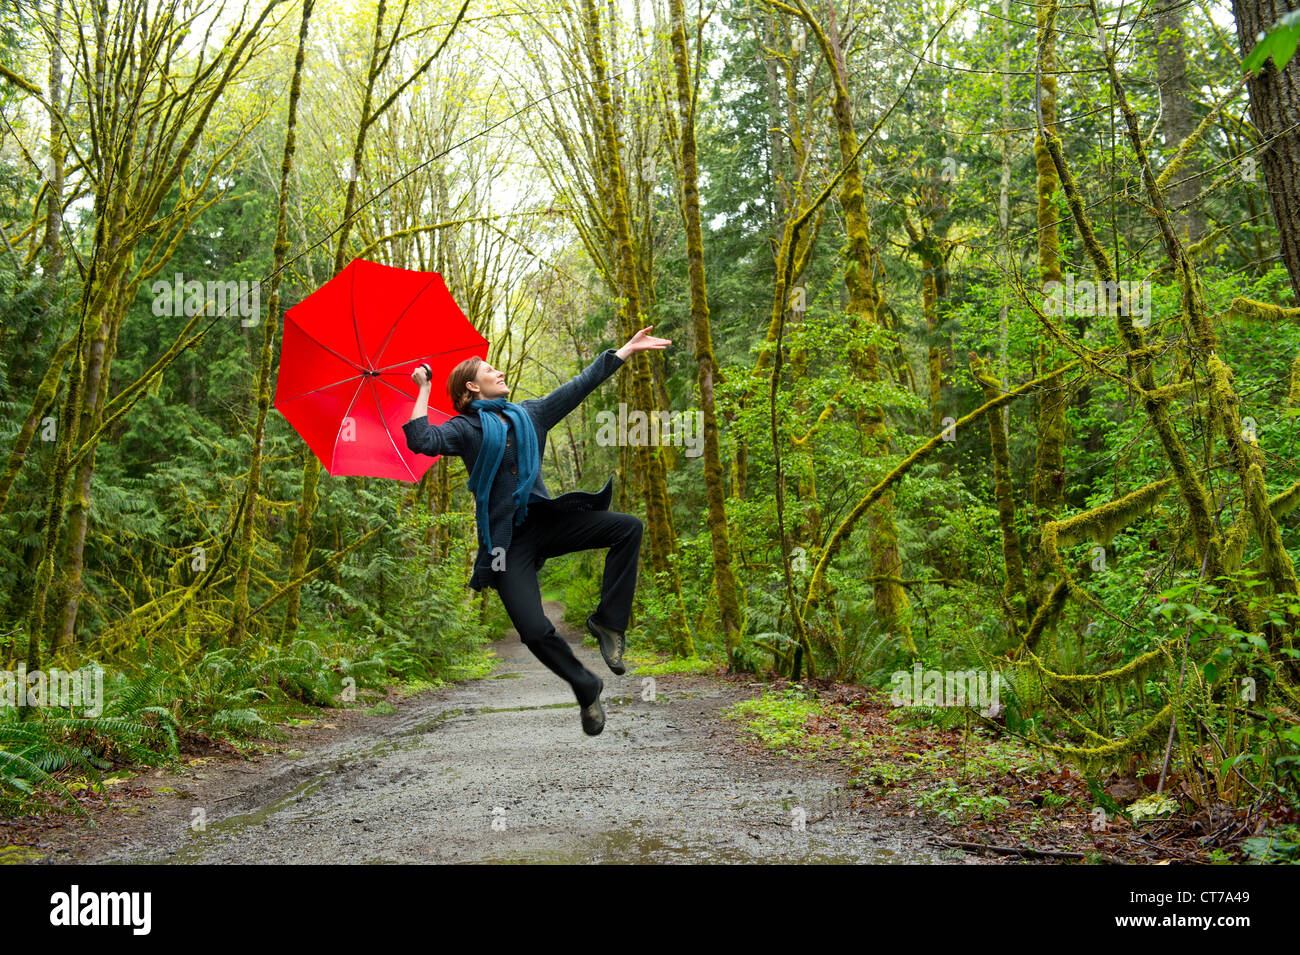 Jumping femme en forêt avec parapluie rouge Photo Stock